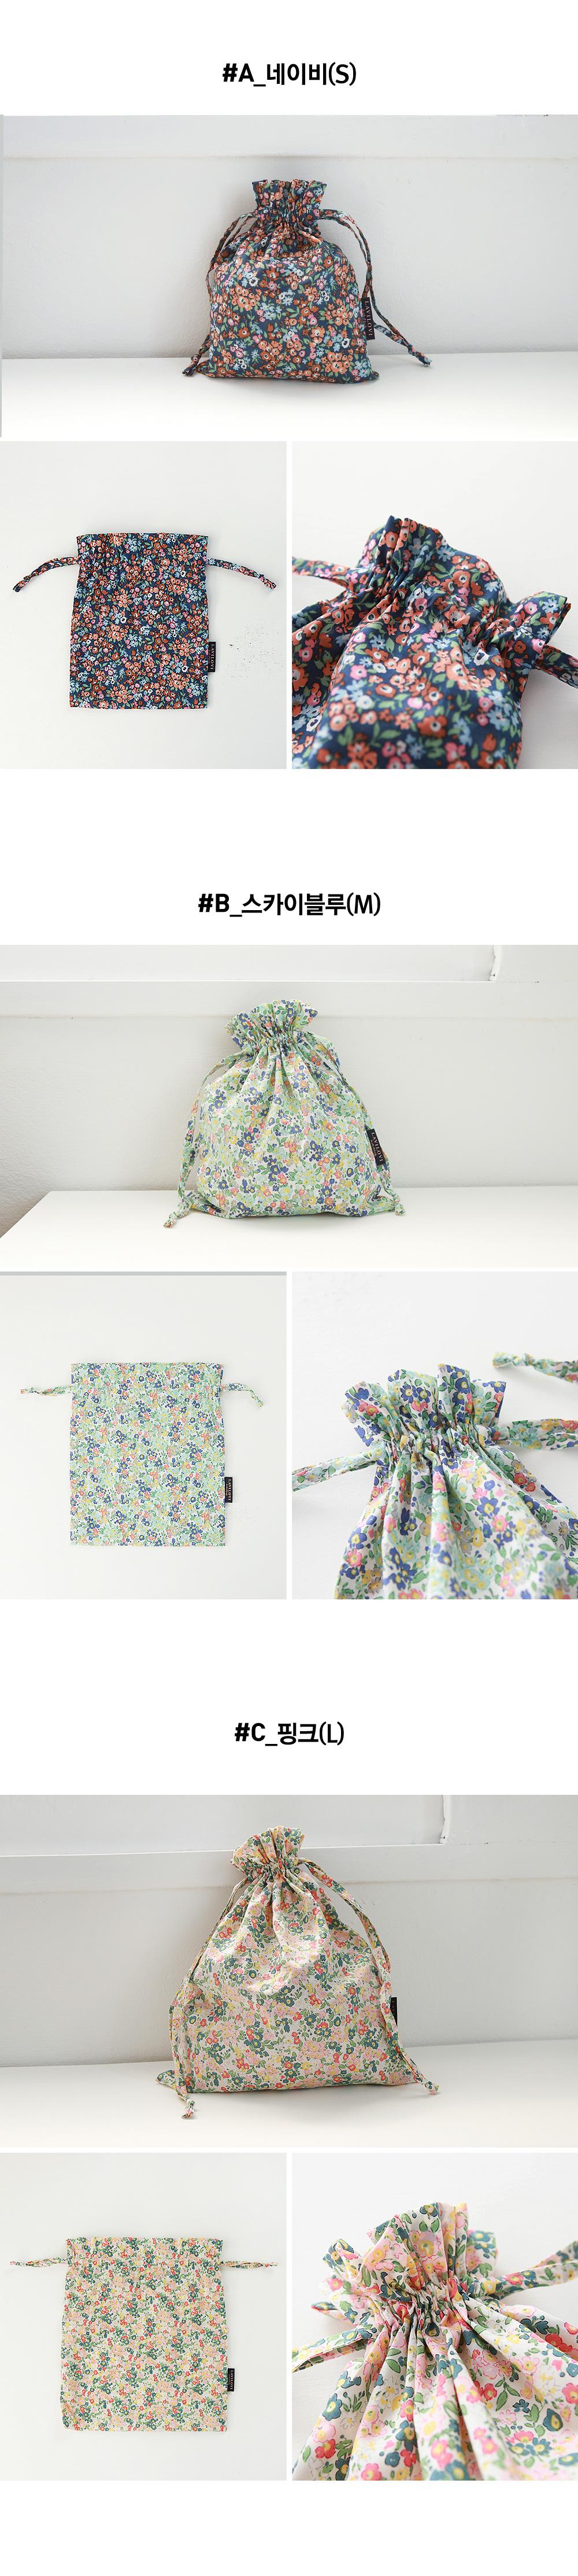 루크레치아 스트링파우치 string pouch 핑크(L) - 라비로비, 9,500원, 다용도파우치, 끈/주머니형